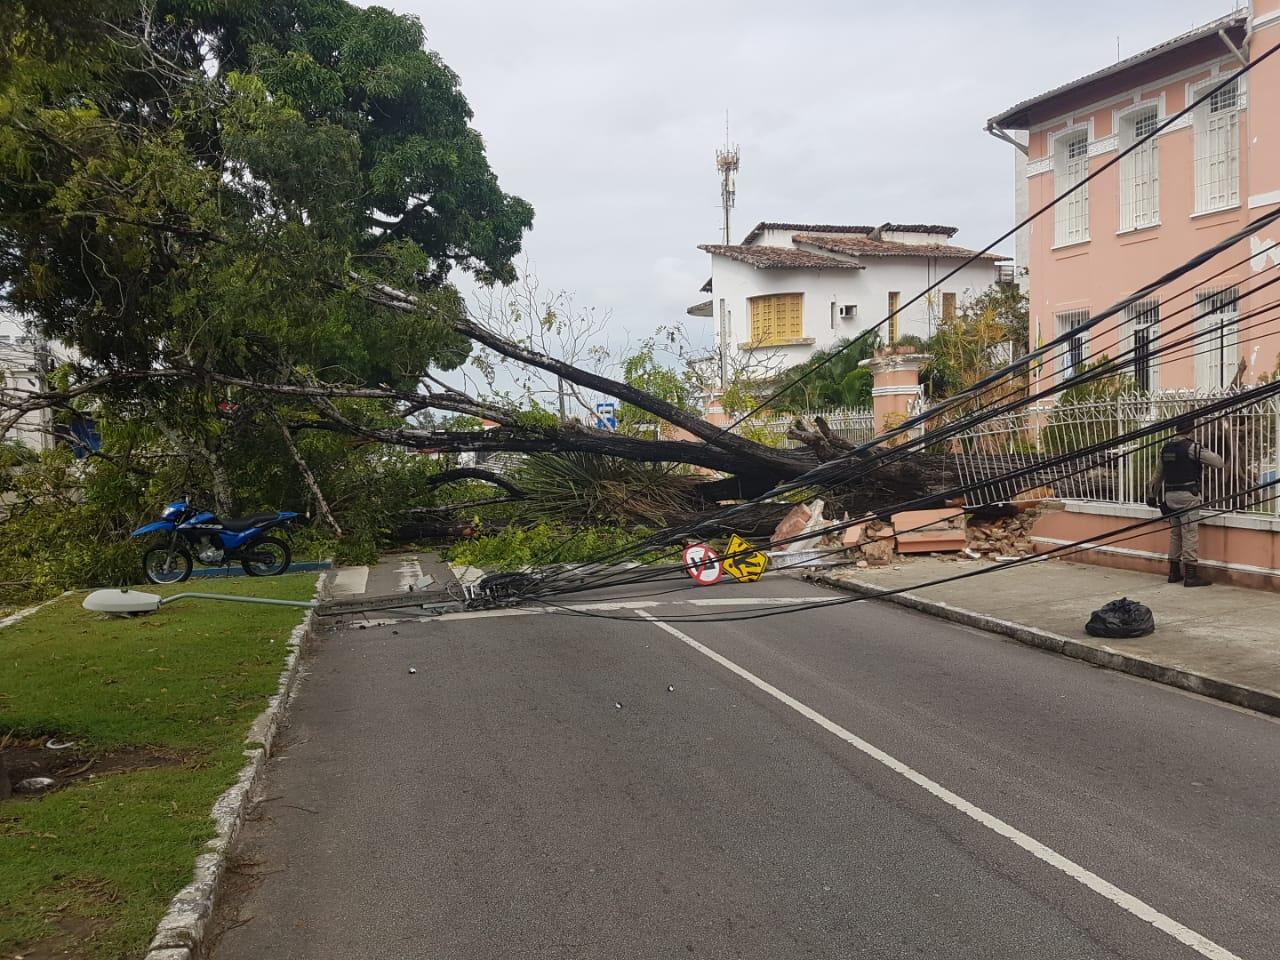 WhatsApp Image 2019 06 21 at 13.42.33 - Árvore cai sobre carro no Centro de João Pessoa; trânsito interrompido